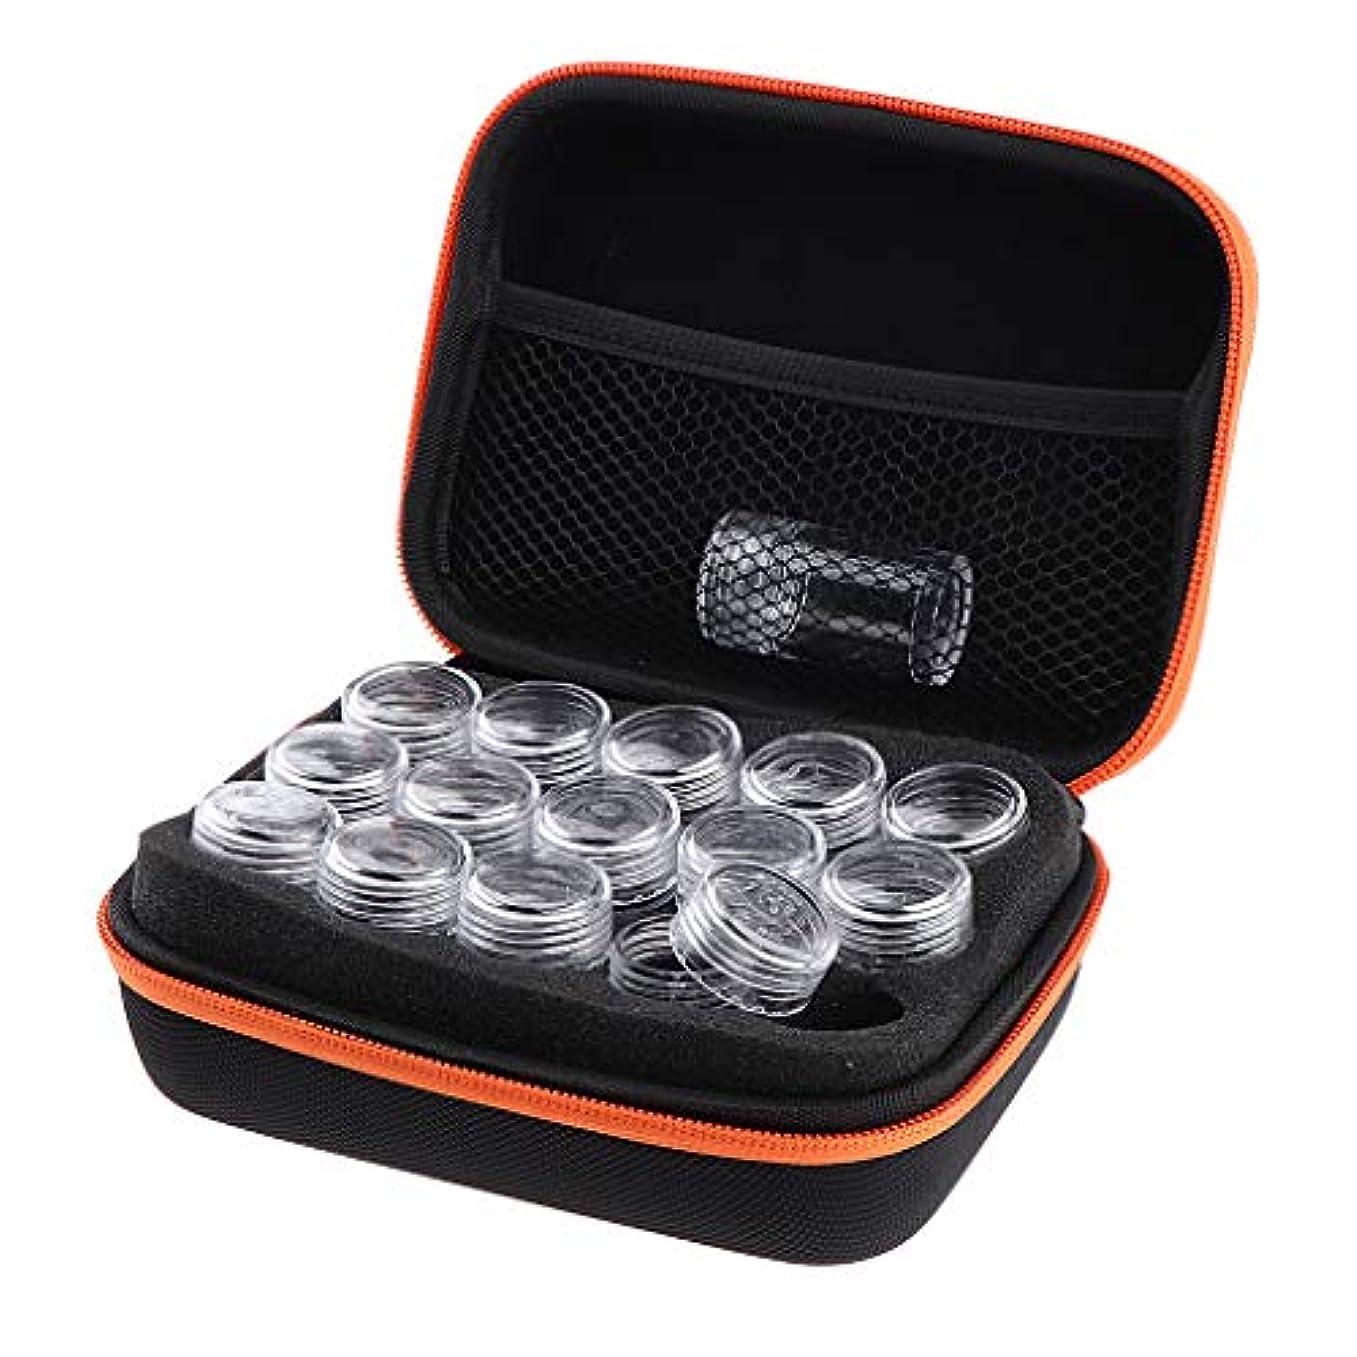 慎重にマトリックス普遍的なCUTICATE アロマポーチ 15本用 エッセンシャルオイル ケース 携帯用メイクポーチ 精油ケース 香水収納バッグ - オレンジ